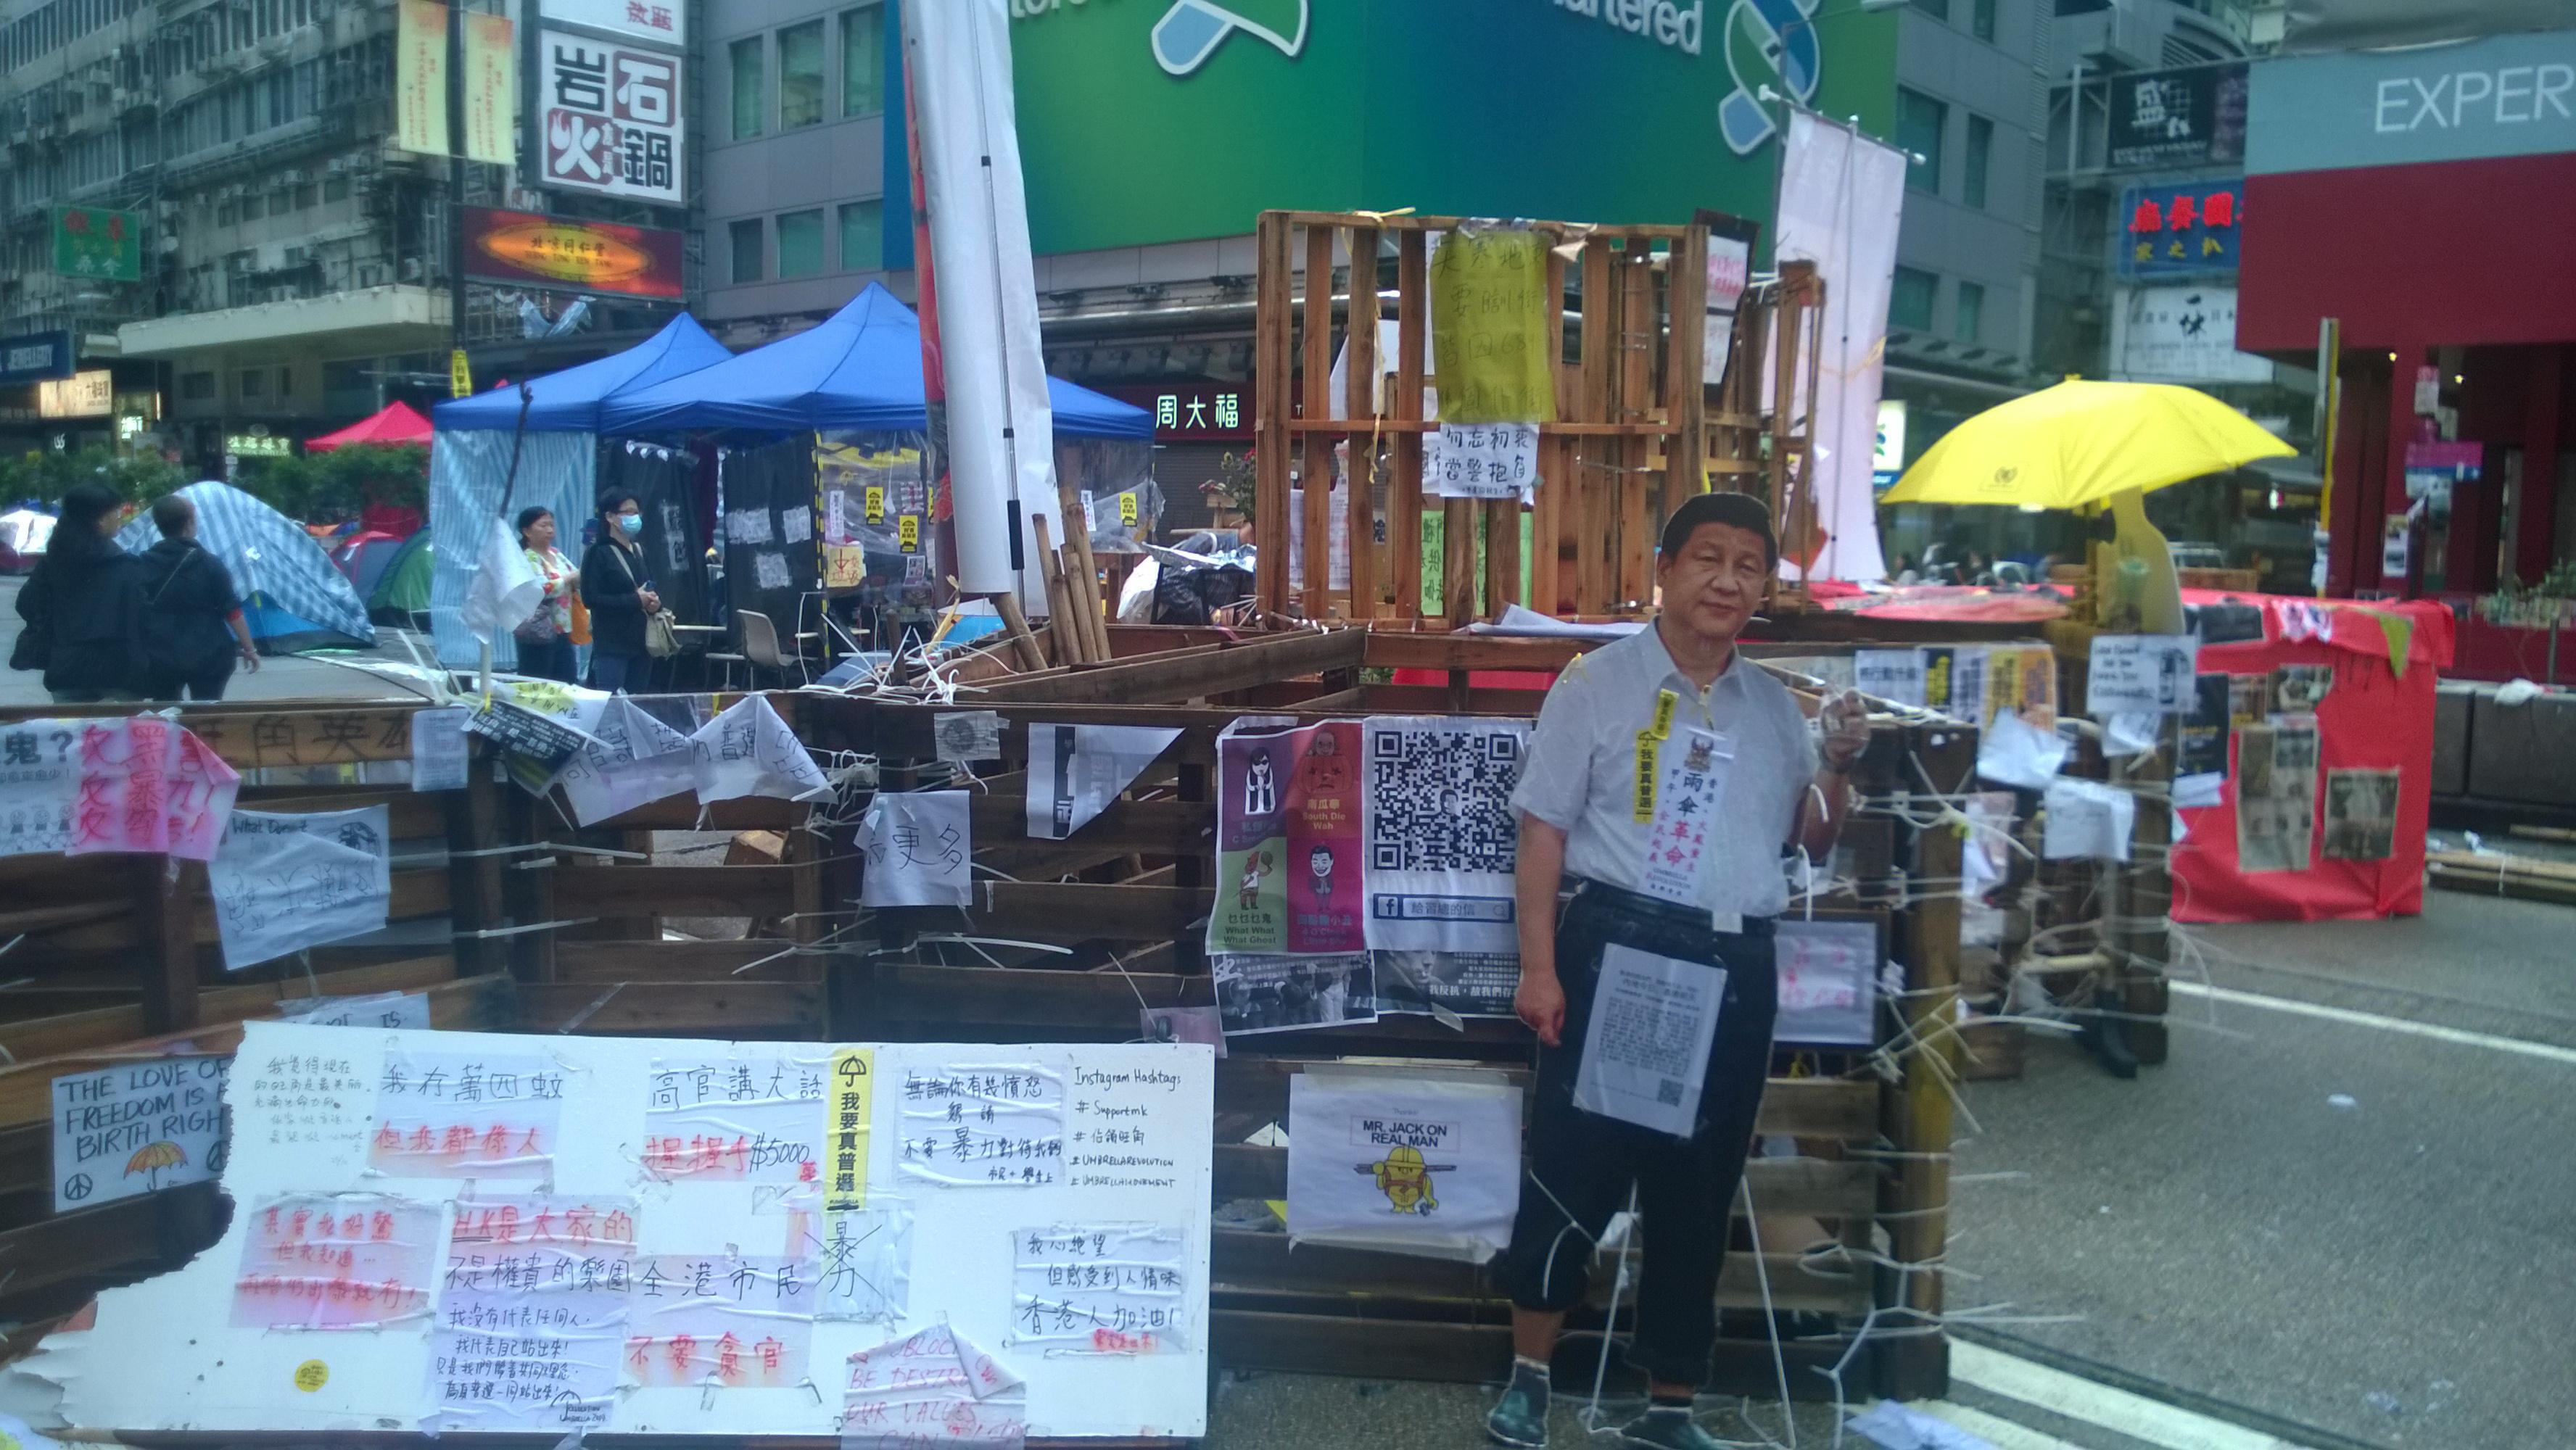 Occupy Hong Kong - Mong Kok